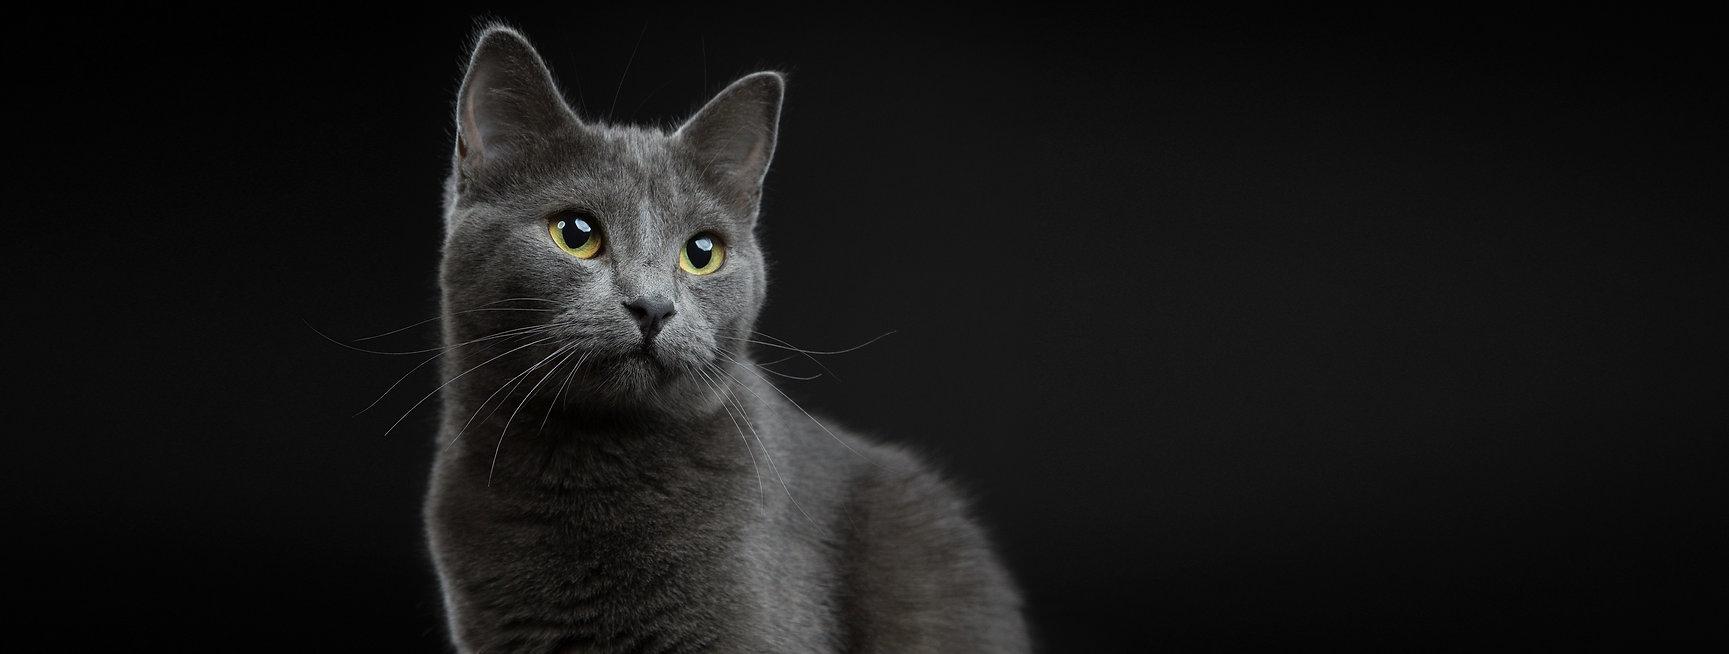 evavandeijk dierenfotografie kattenfotografie